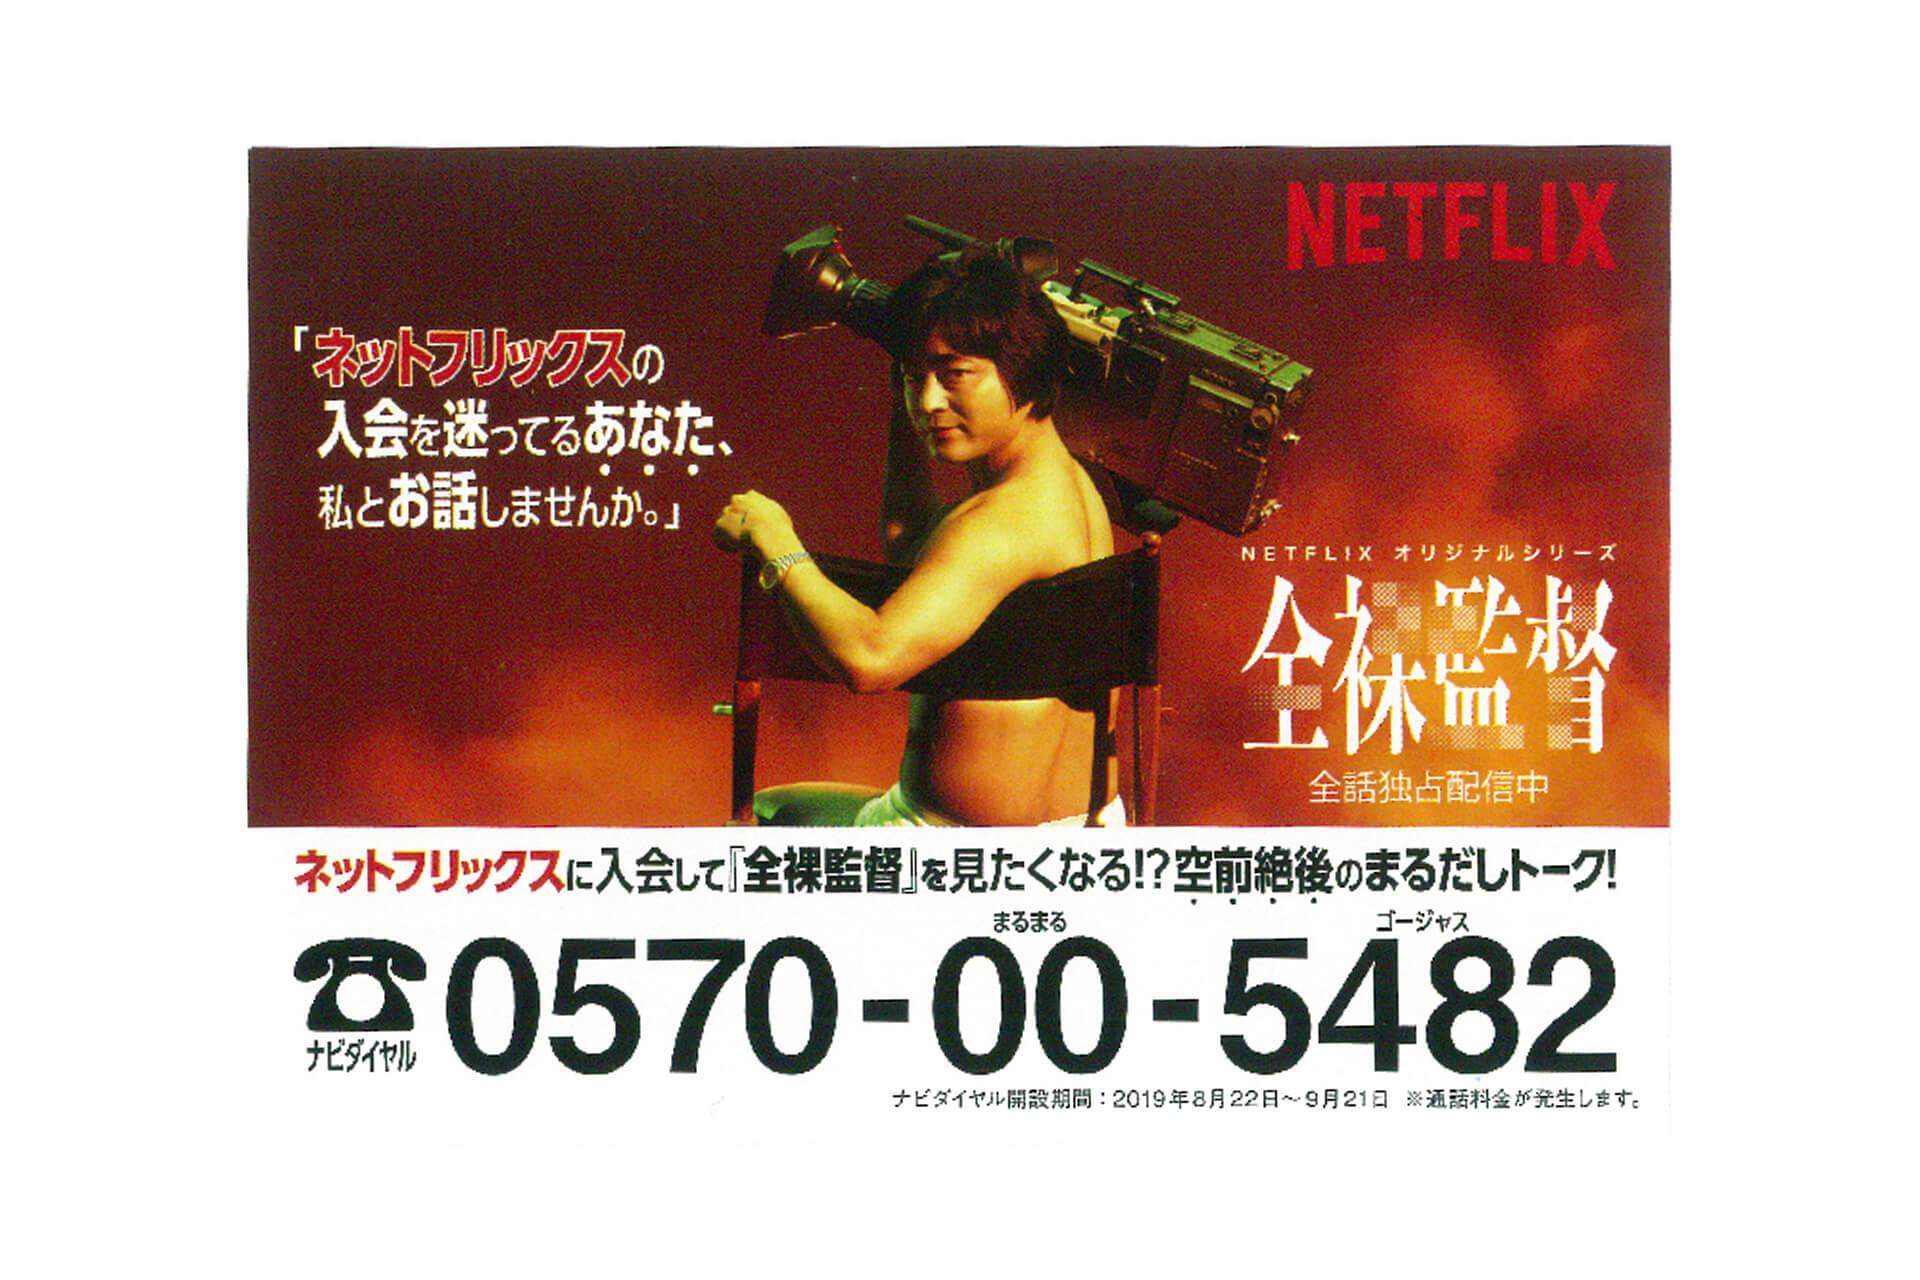 山田孝之演じる村西とおるからゴージャスな営業電話!?『全裸監督』の新たなキャンペーンはもう見かけた? film190903-zenra